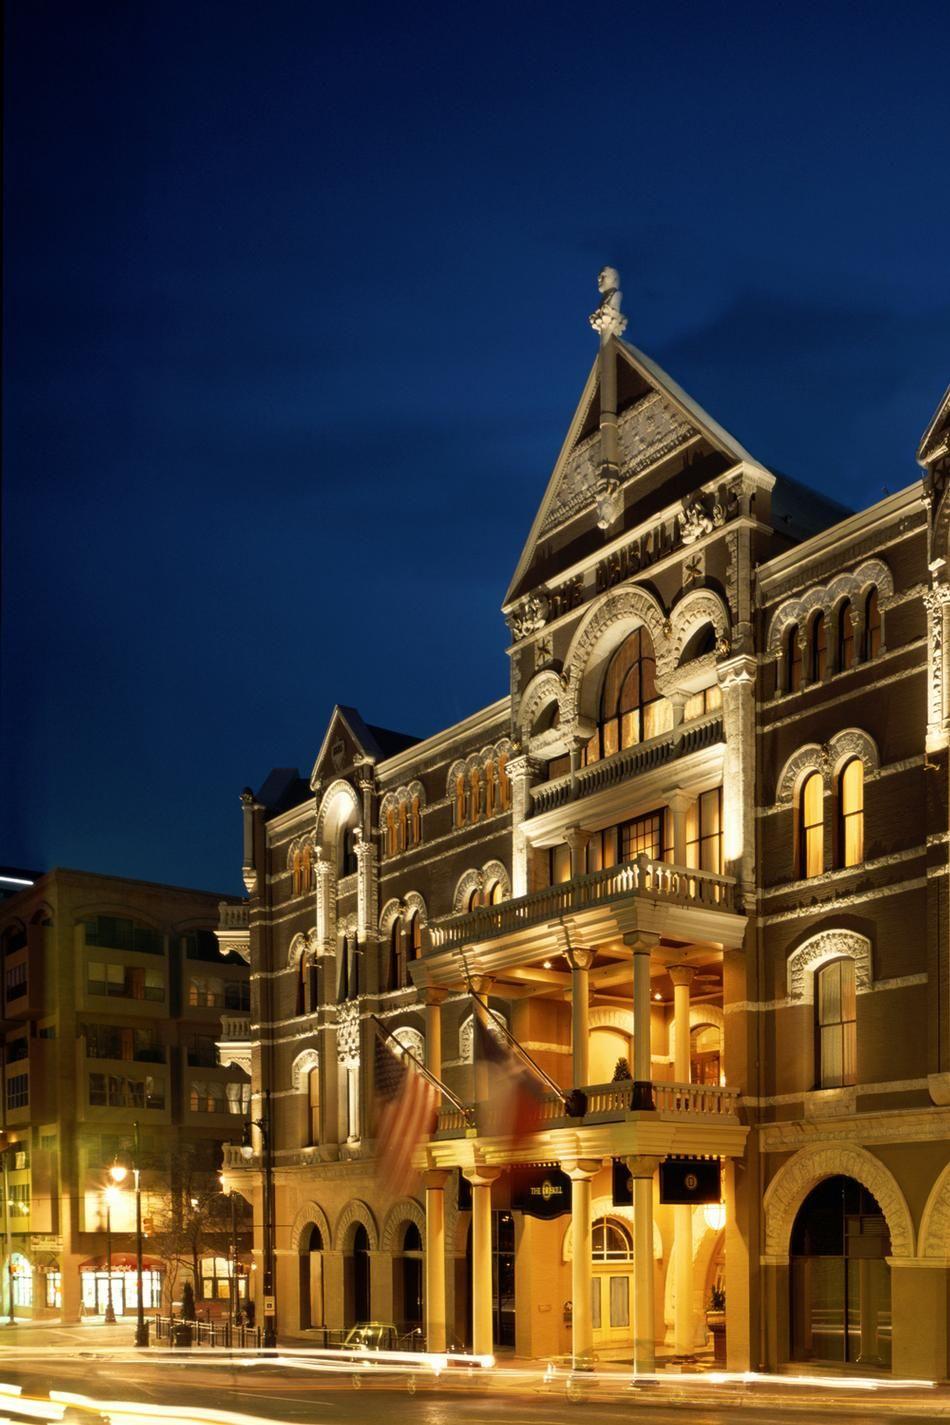 Driskill Hotel: Historic Getaway in Austin, Texas ...